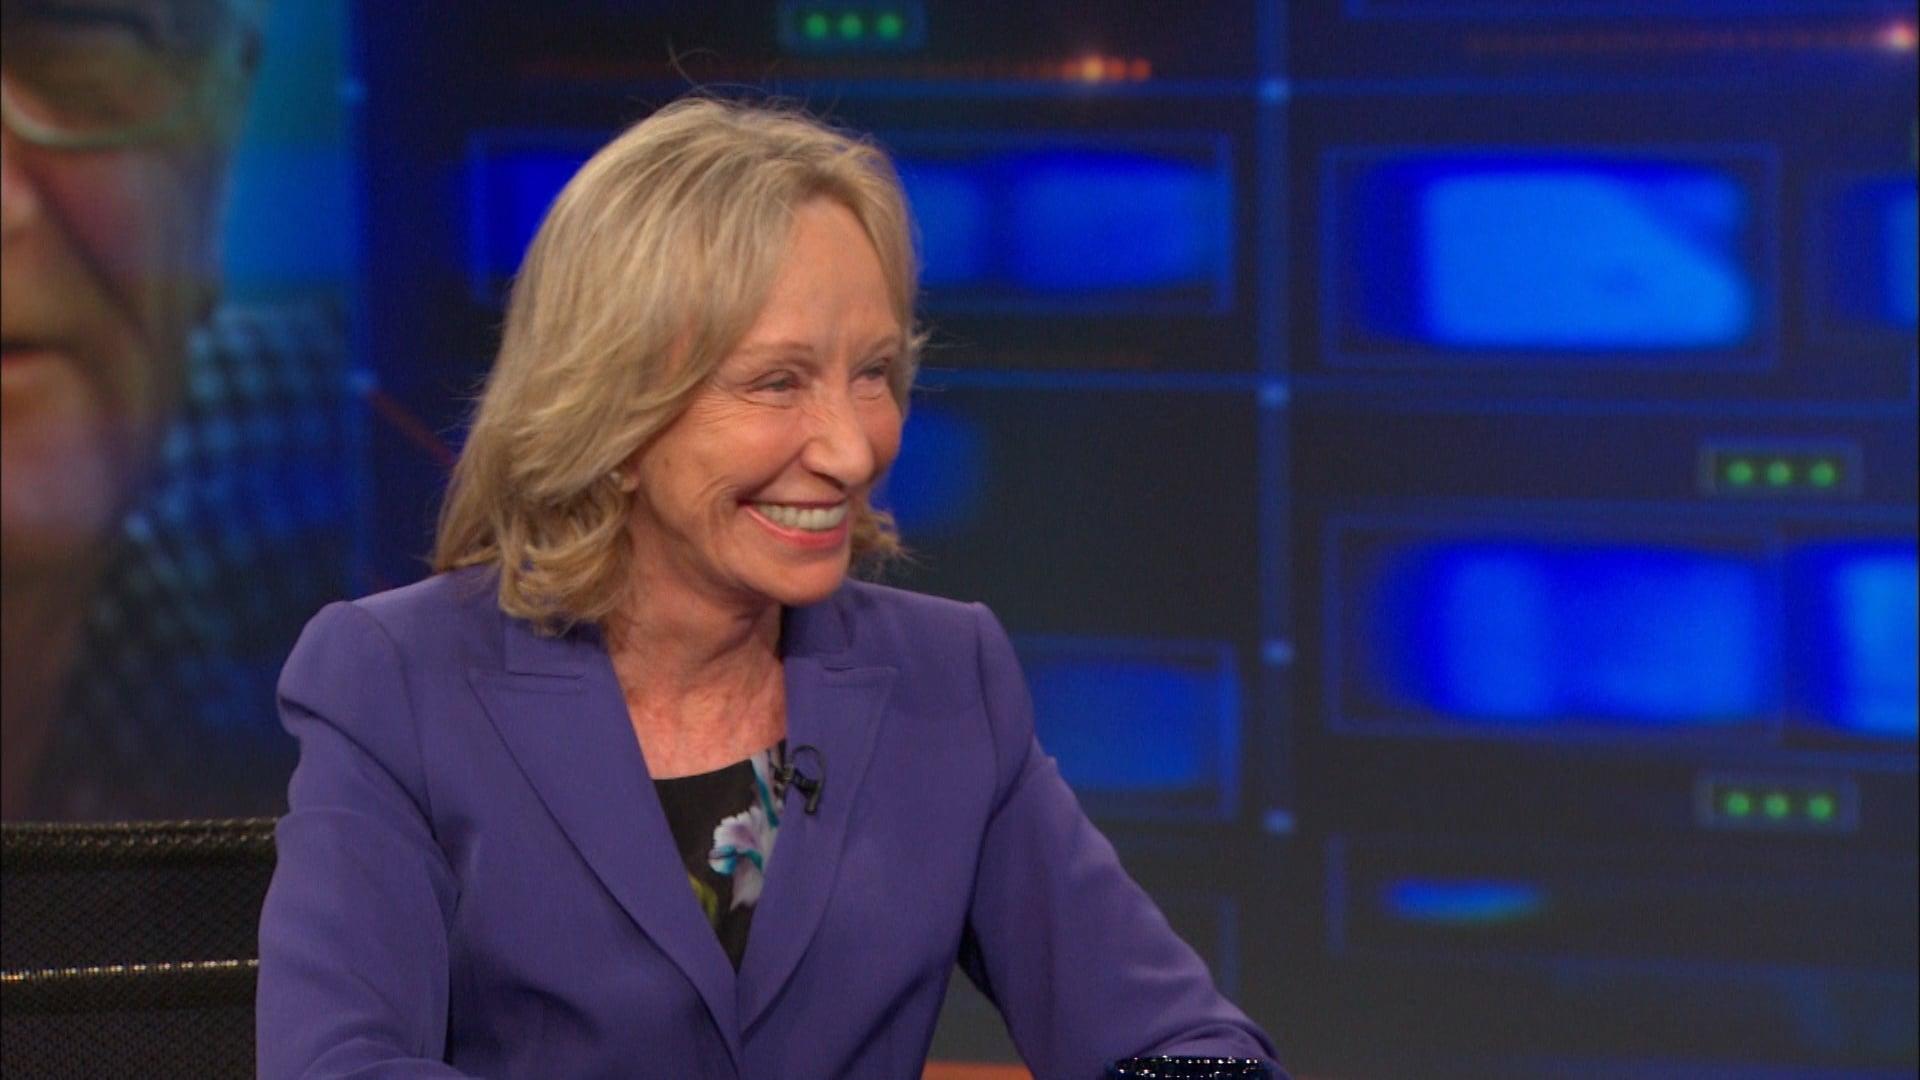 The Daily Show with Trevor Noah Season 20 :Episode 137  Doris Kearns Goodwin